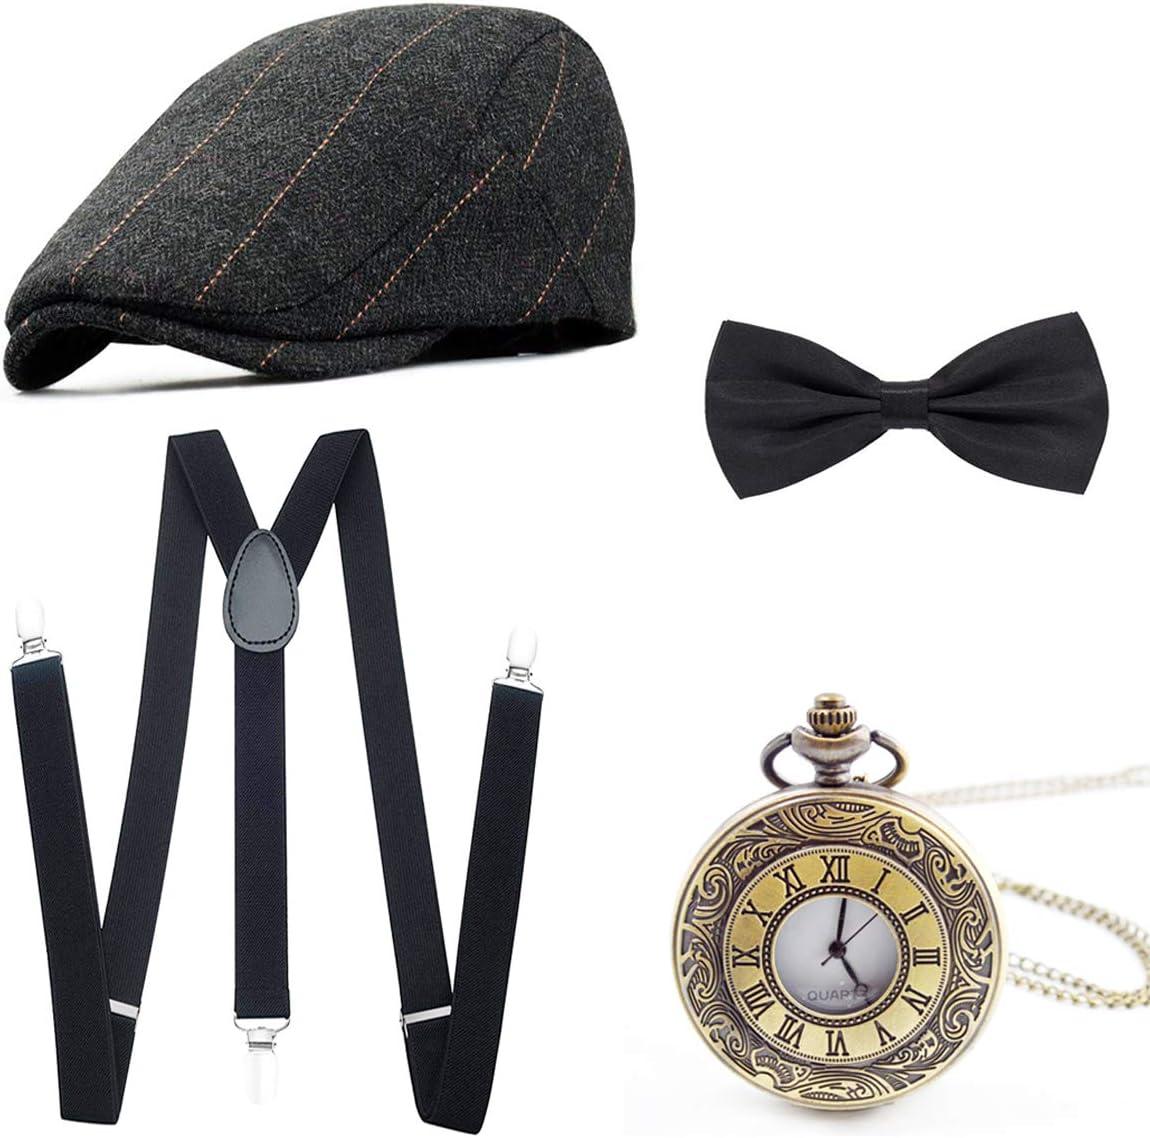 Wagoog Accesorios para Hombre de la década de 1920, Conjunto de Traje mafioso Gatsby Que Incluye Gorro de Panamá, Correas elásticas Ajustables, Corbata de Nudo para Hombre y Reloj de Bolsillo Vintage